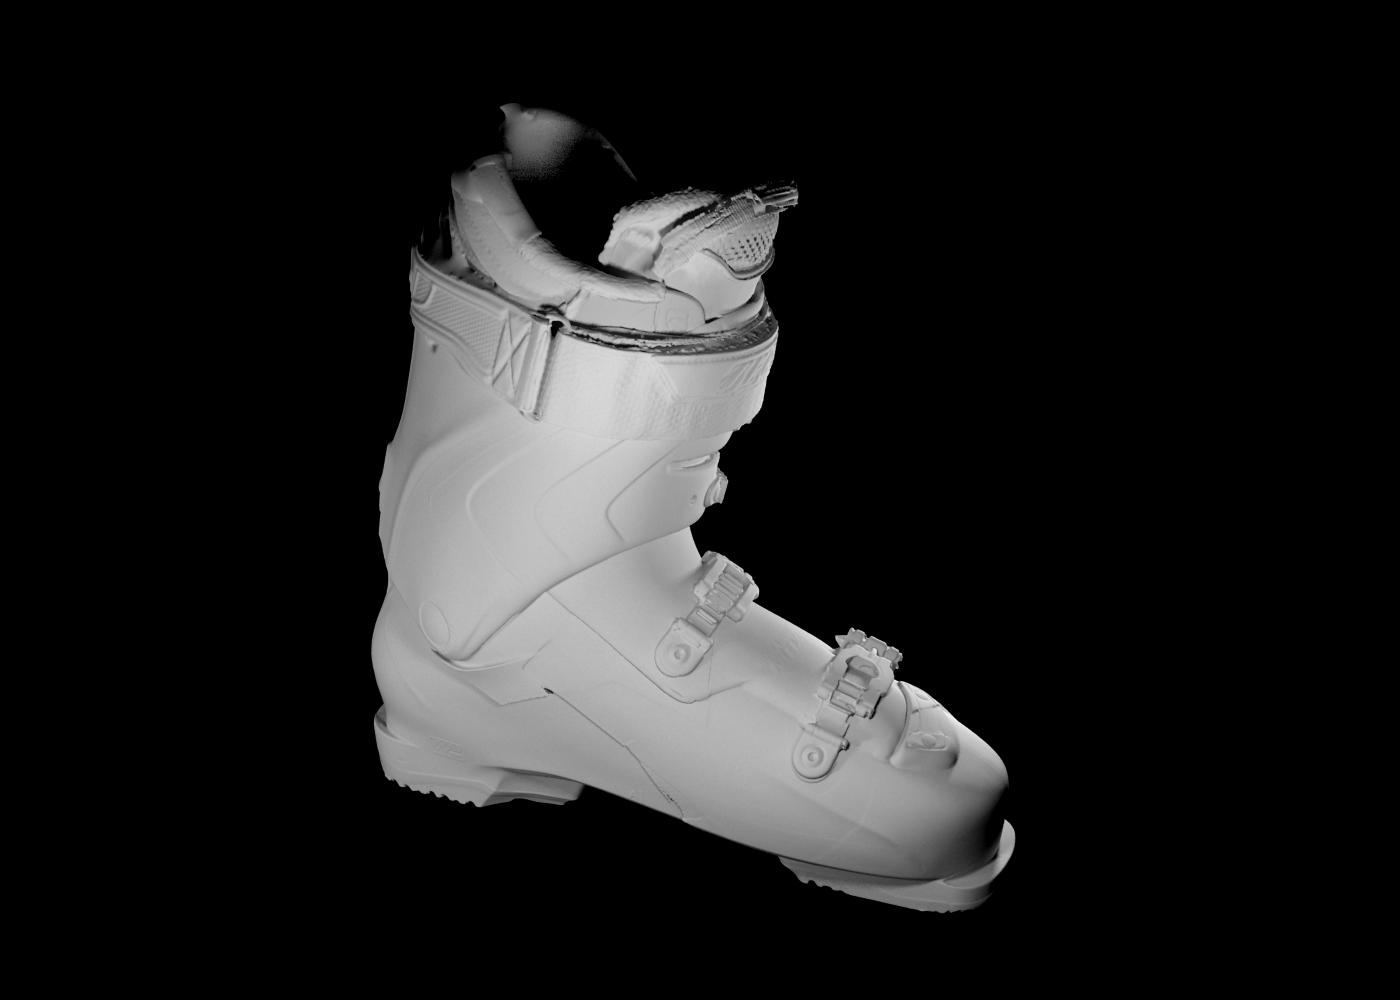 scansione 3d di scarpone da scii 4